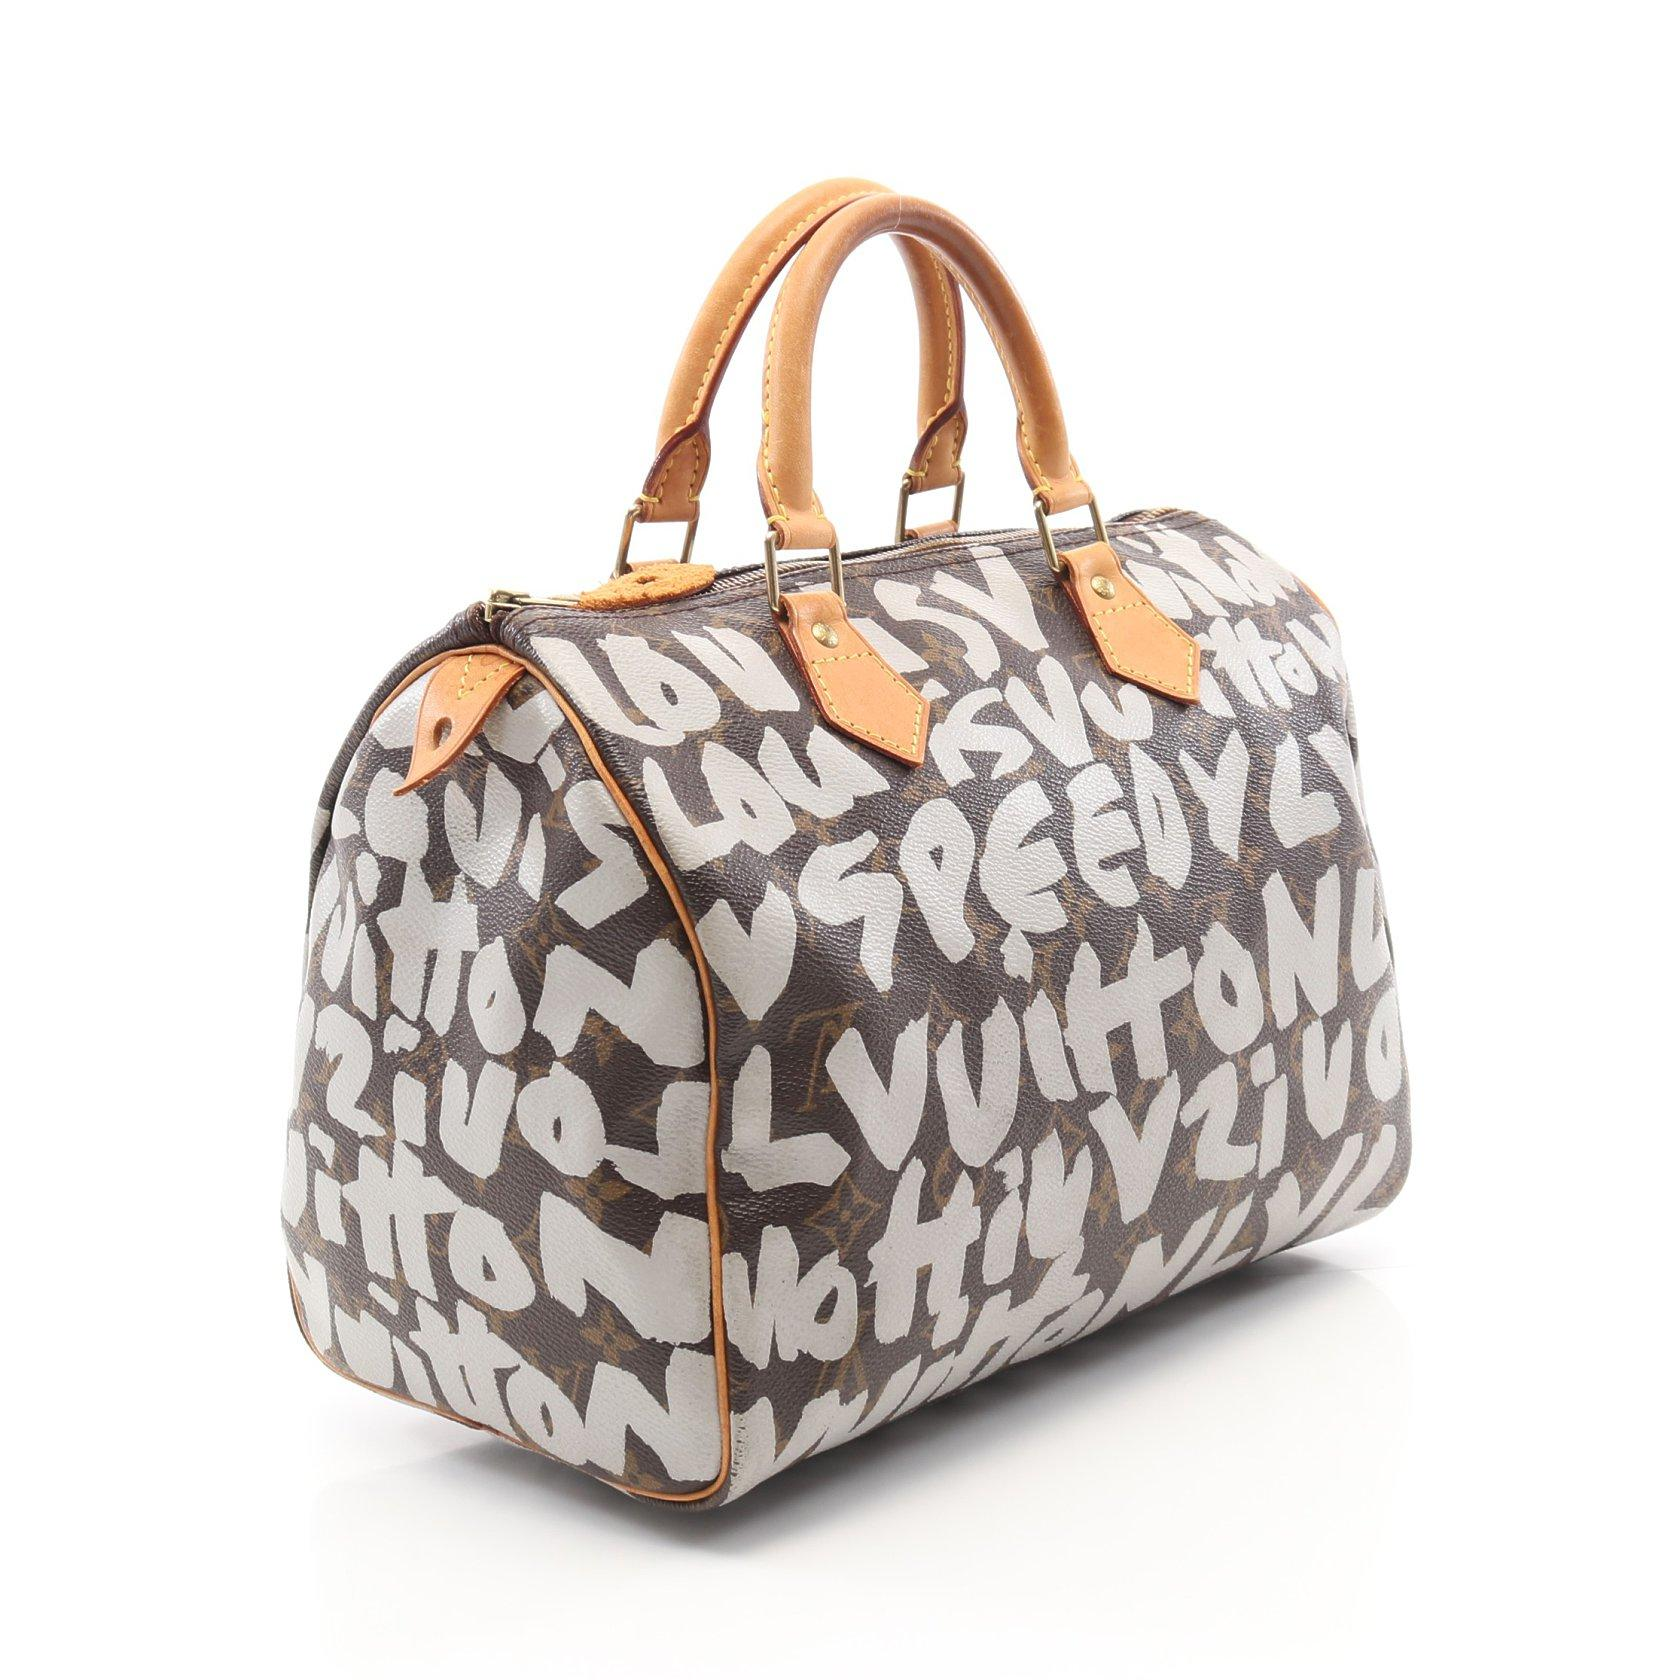 LOUIS VUITTON・バッグ・スピーディ30 モノグラムグラフィティ ハンドバッグ PVC レザー ブラウン